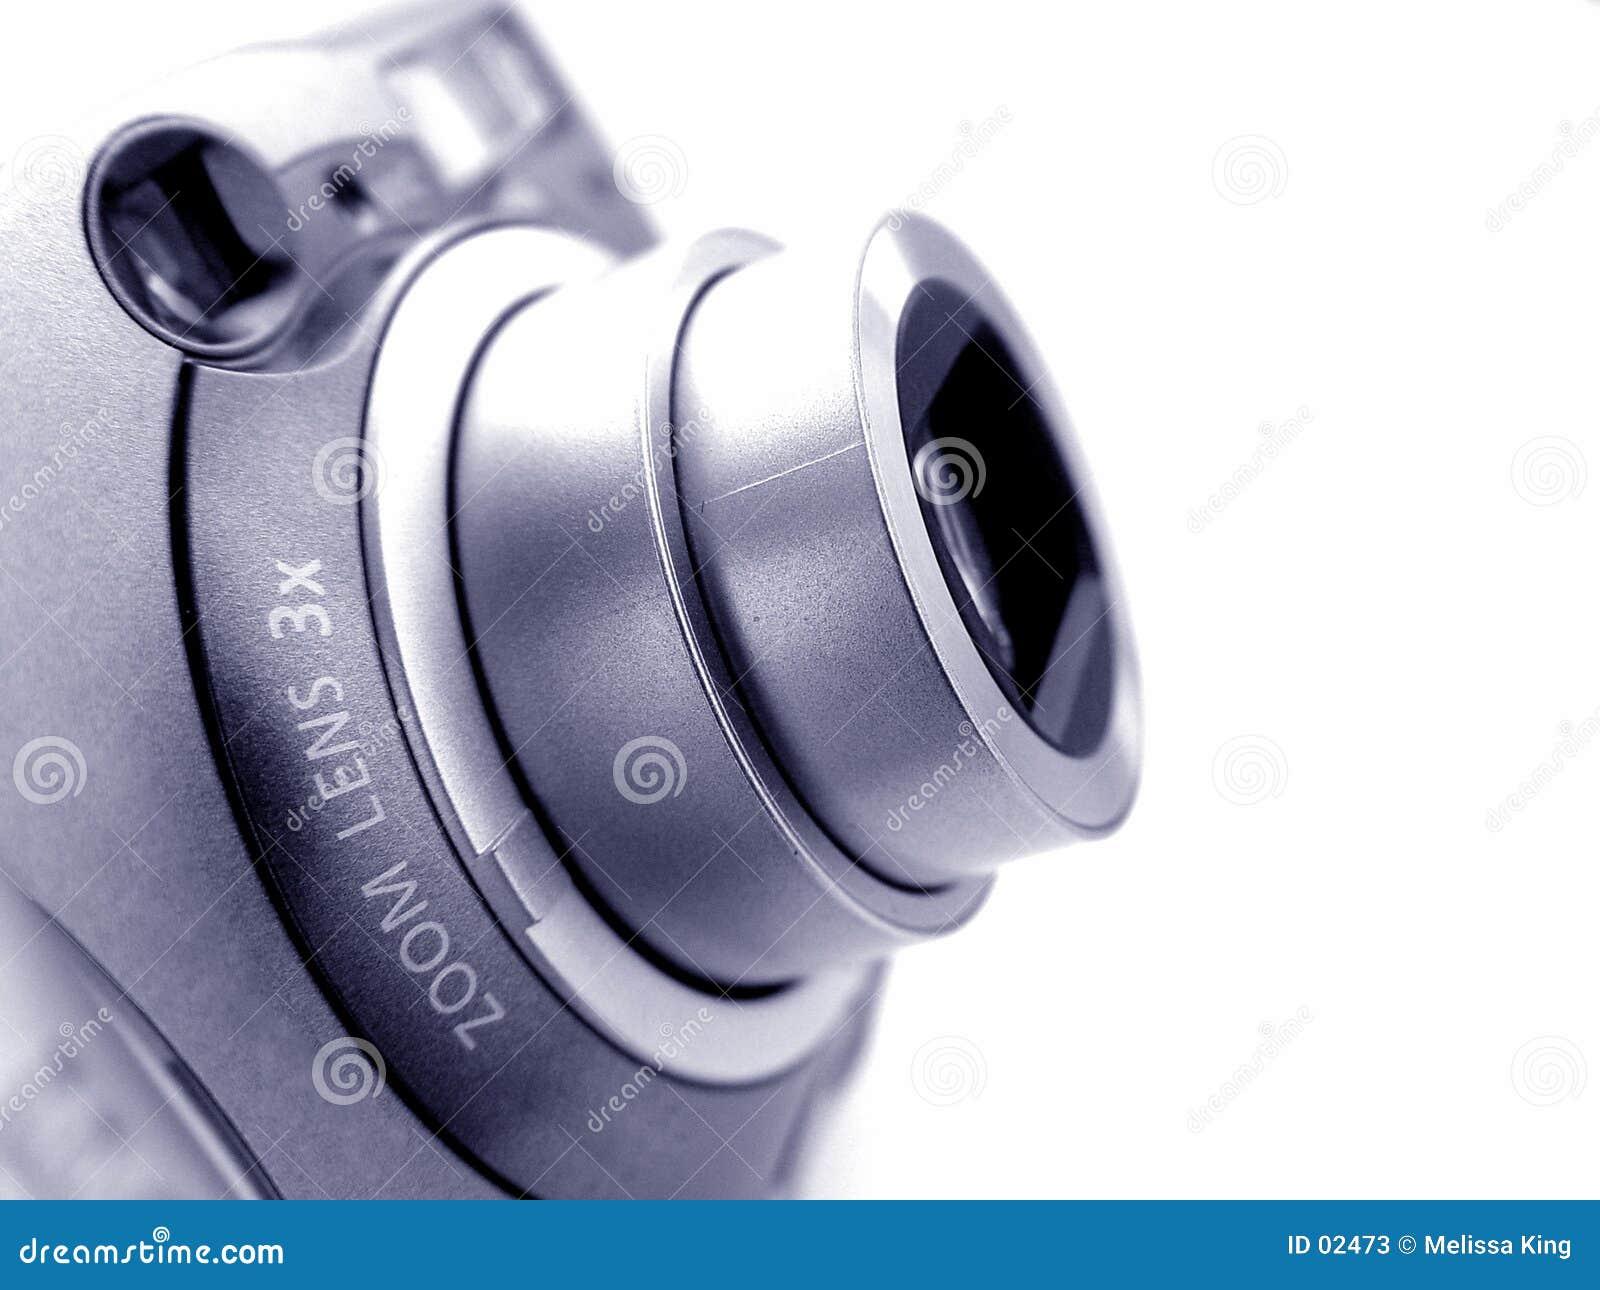 Kameran len zoomen